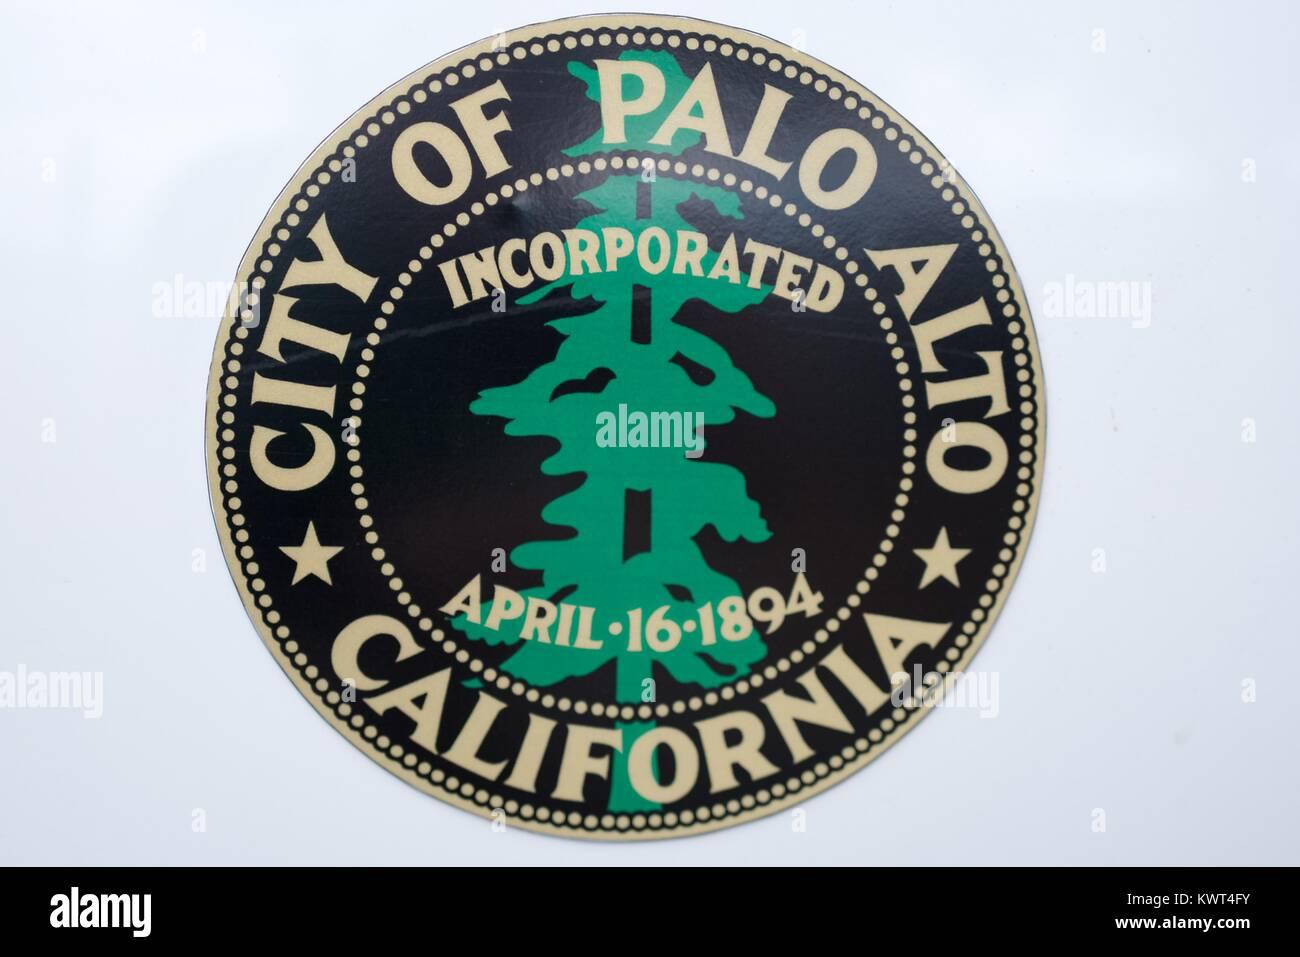 Palo Alto Silicon Valley Stock Photos Palo Alto Silicon Valley